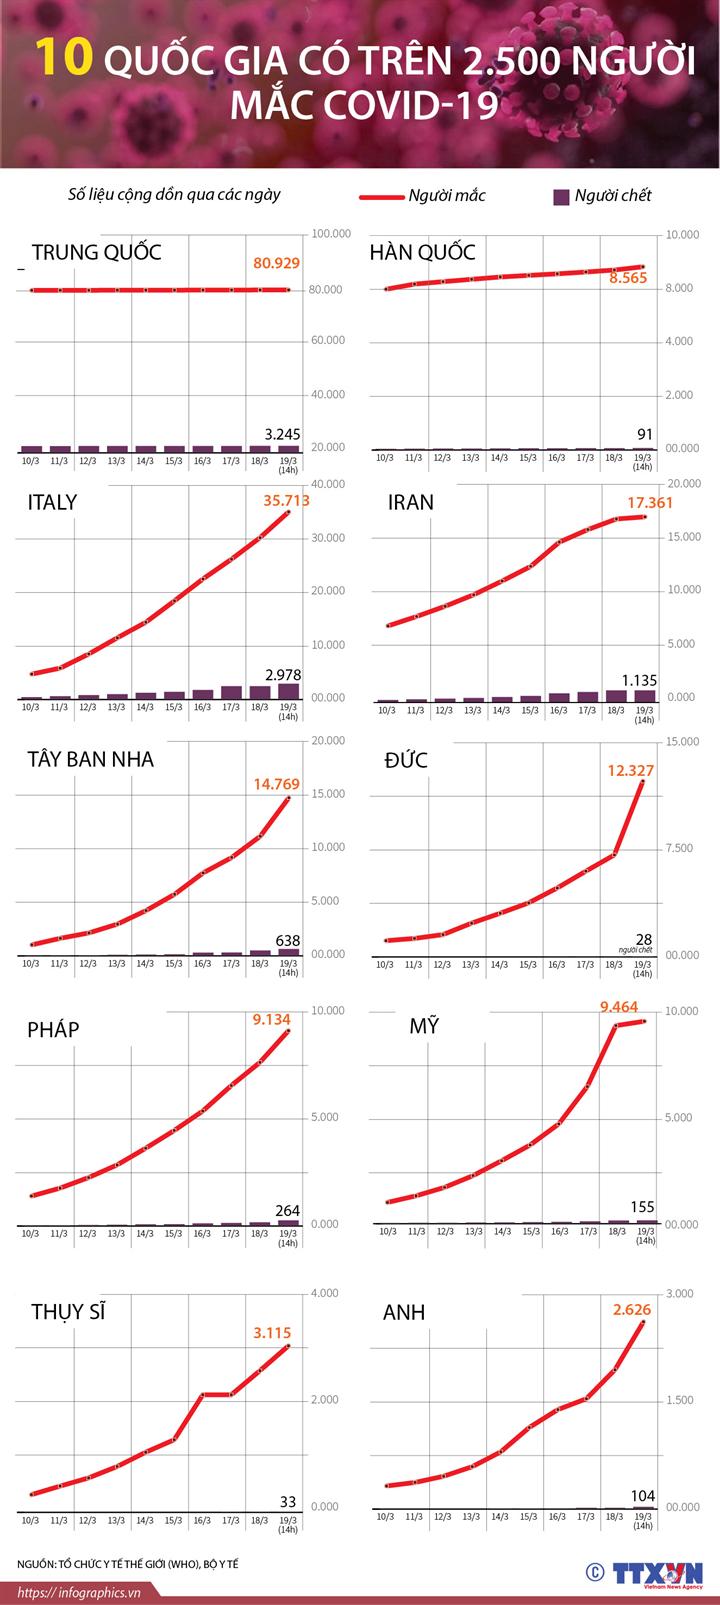 10 quốc gia có trên 2.500 người mắc COVID-19